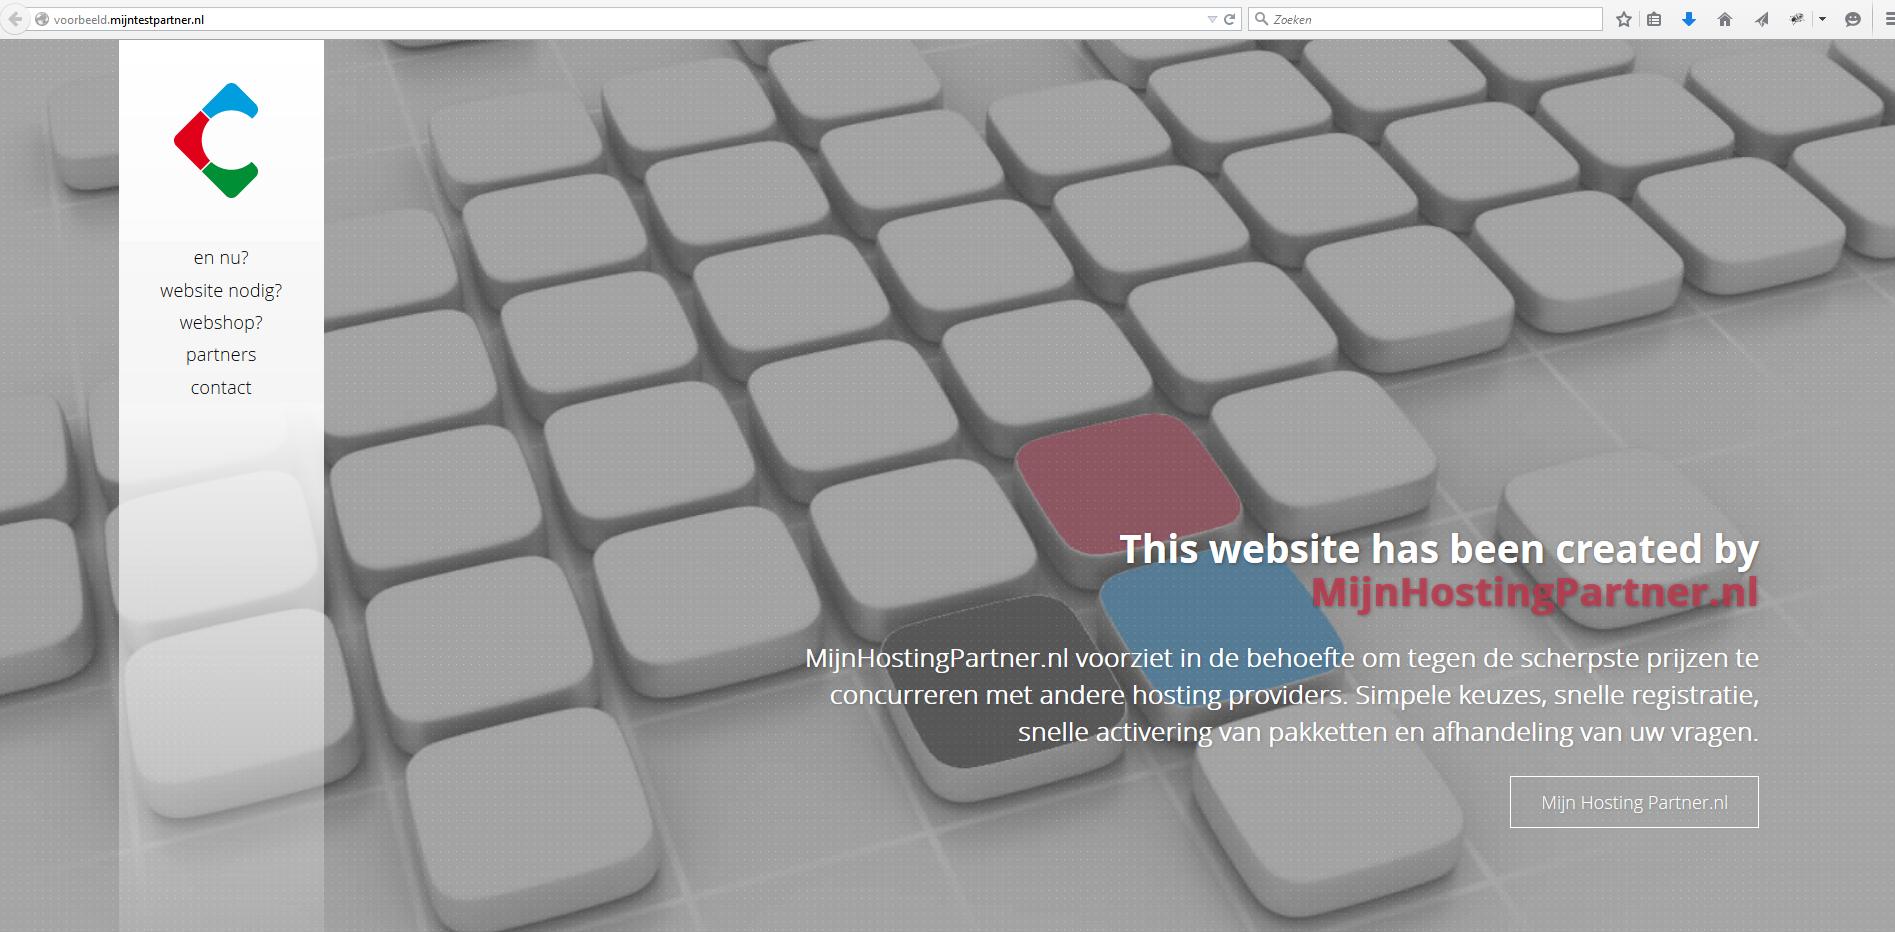 Default pagina MijnHostingPartner.nl verwijderen 1